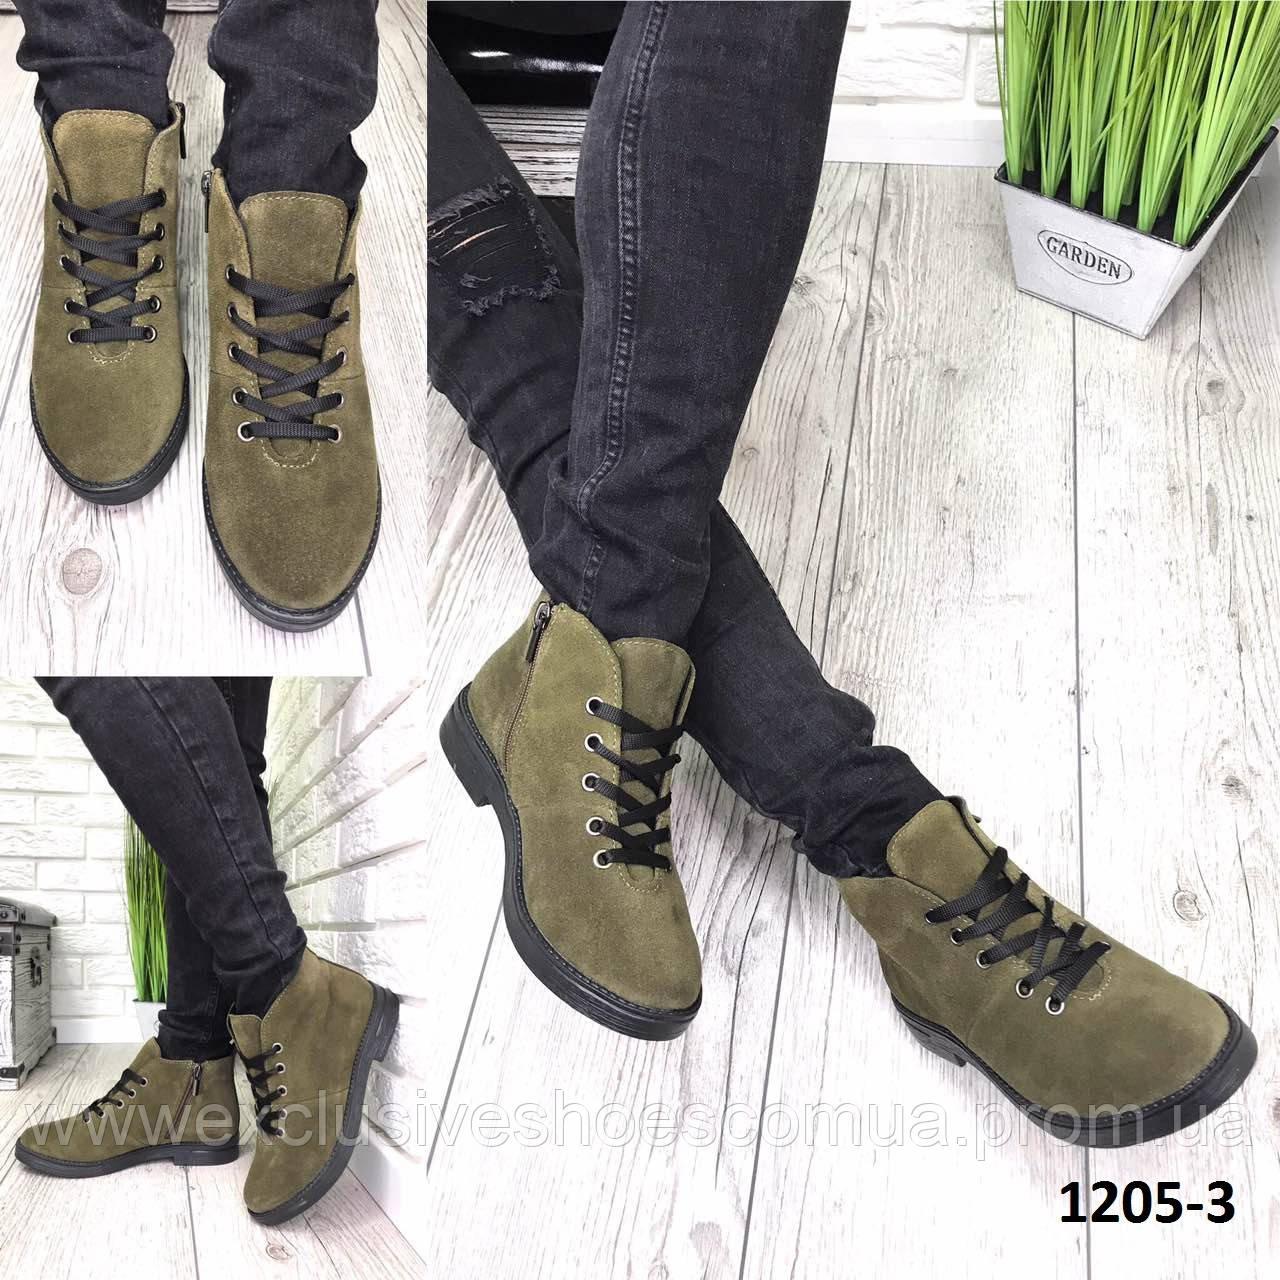 Ботинки женские демисезонные замшевые хаки классическме на шнурках